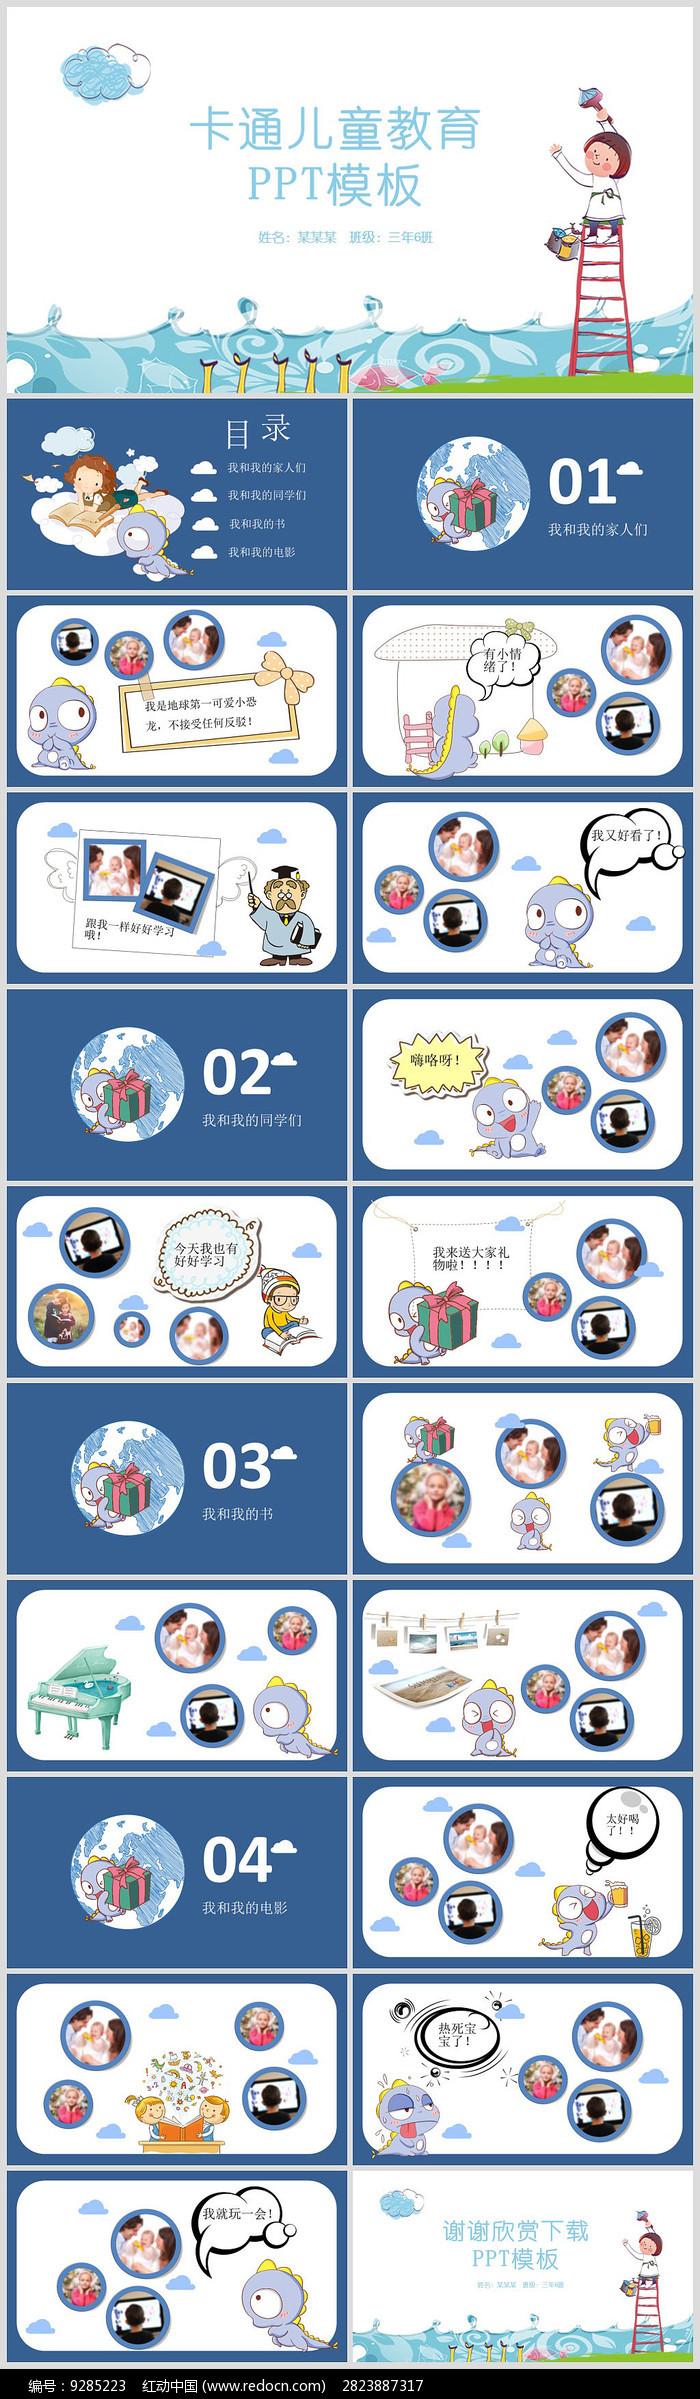 蓝色教育卡通公开课PPT模板图片